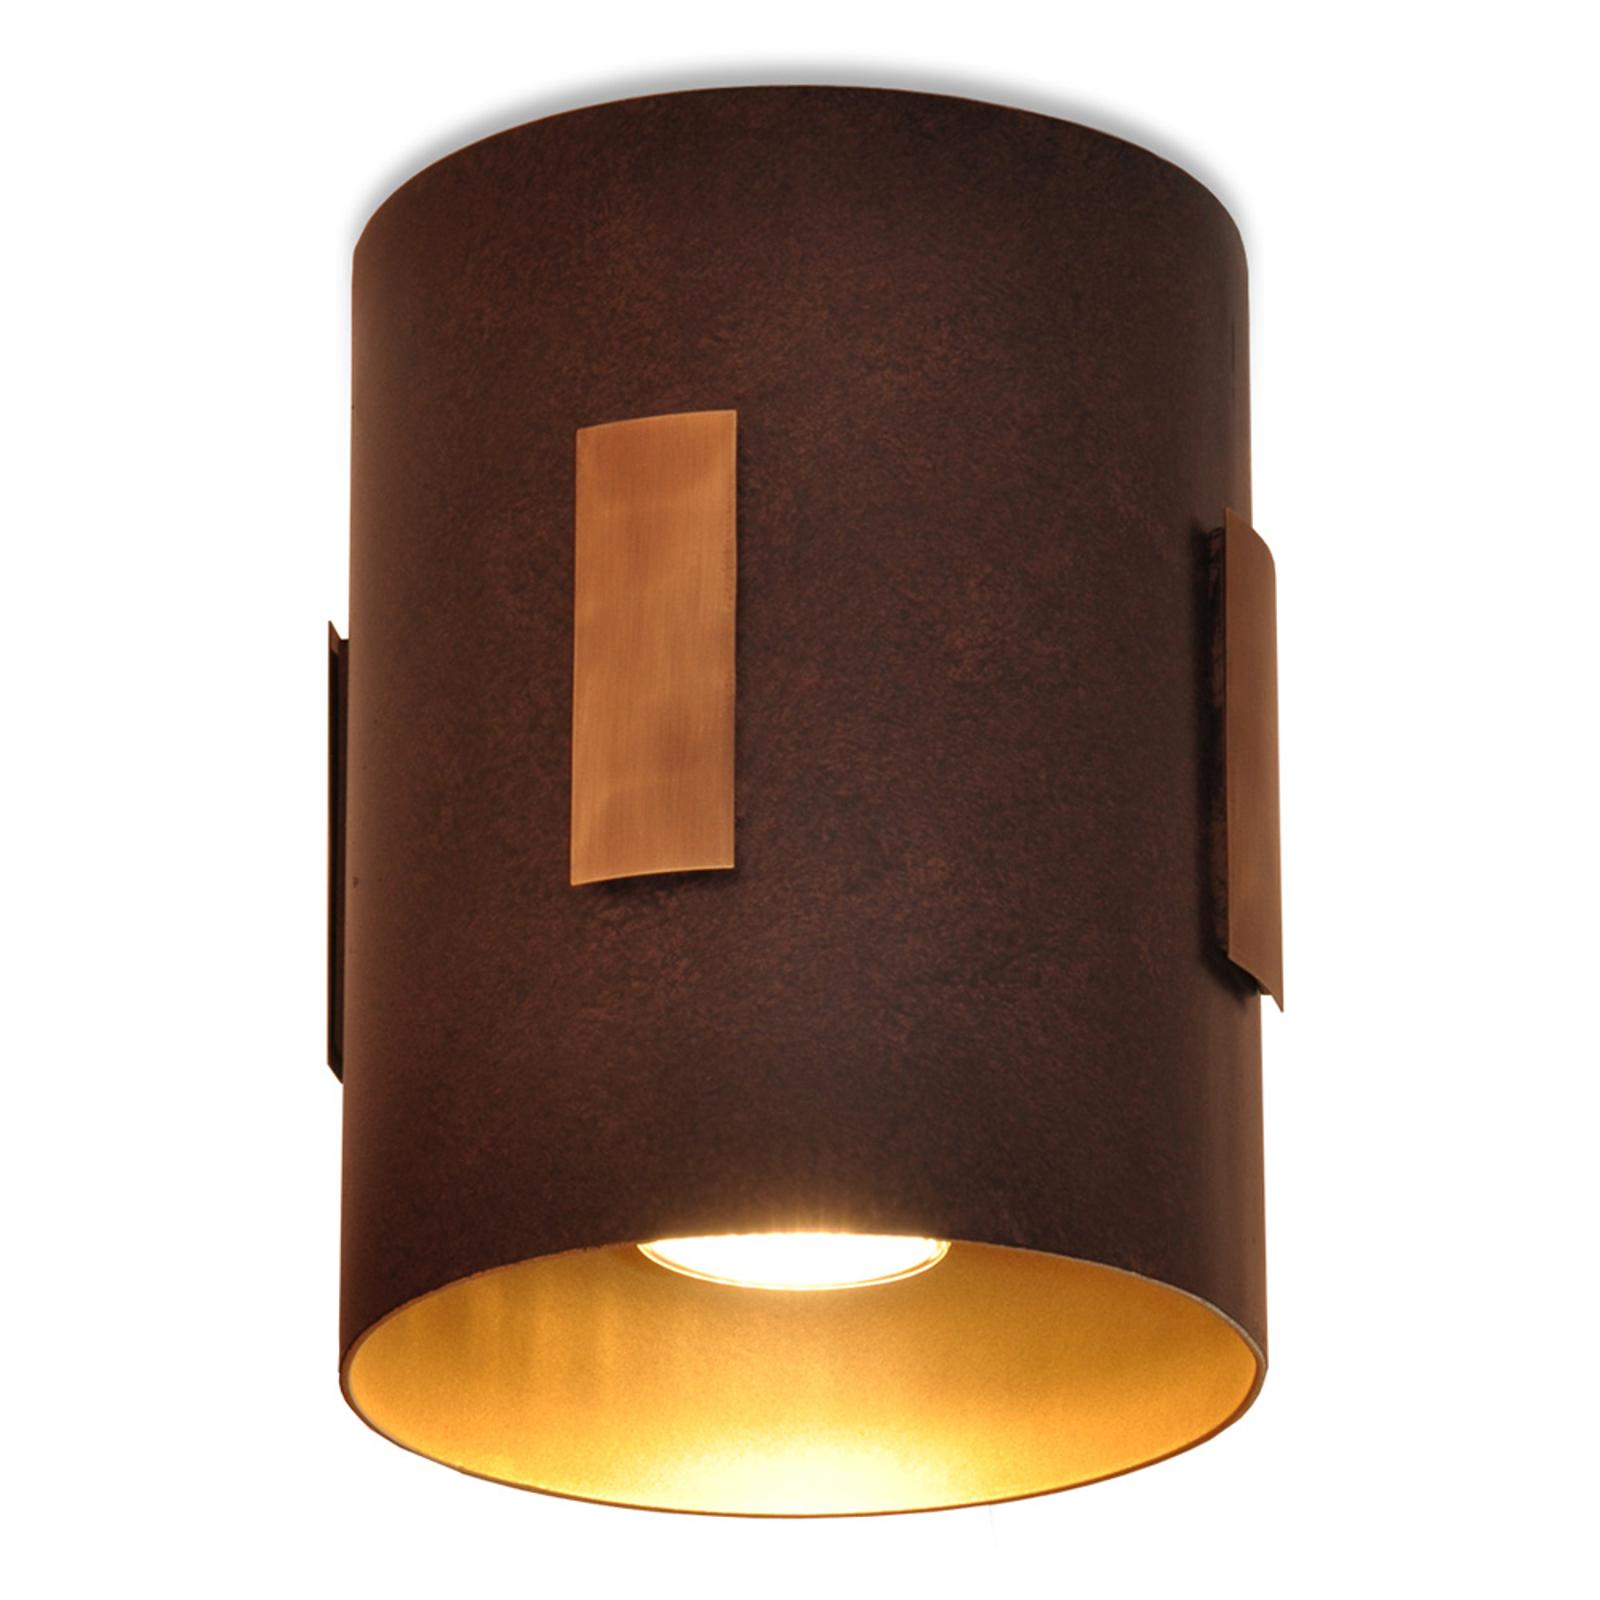 Menzel Solo plafondlamp bruin/zwart/goud